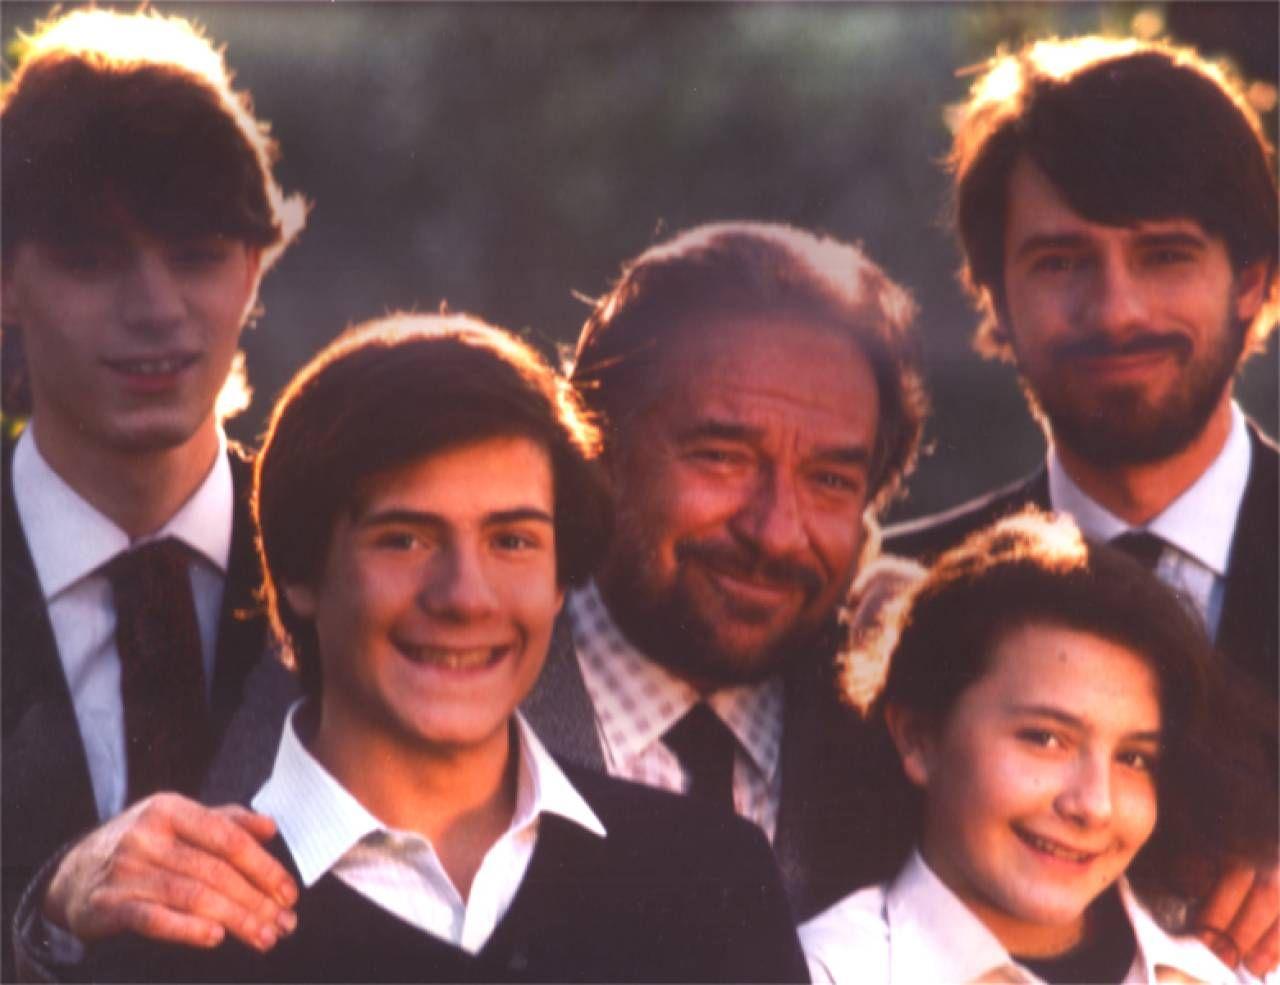 La famiglia Tognazzi. In primo piano il figlio Gian Marco, oggi 53 anni